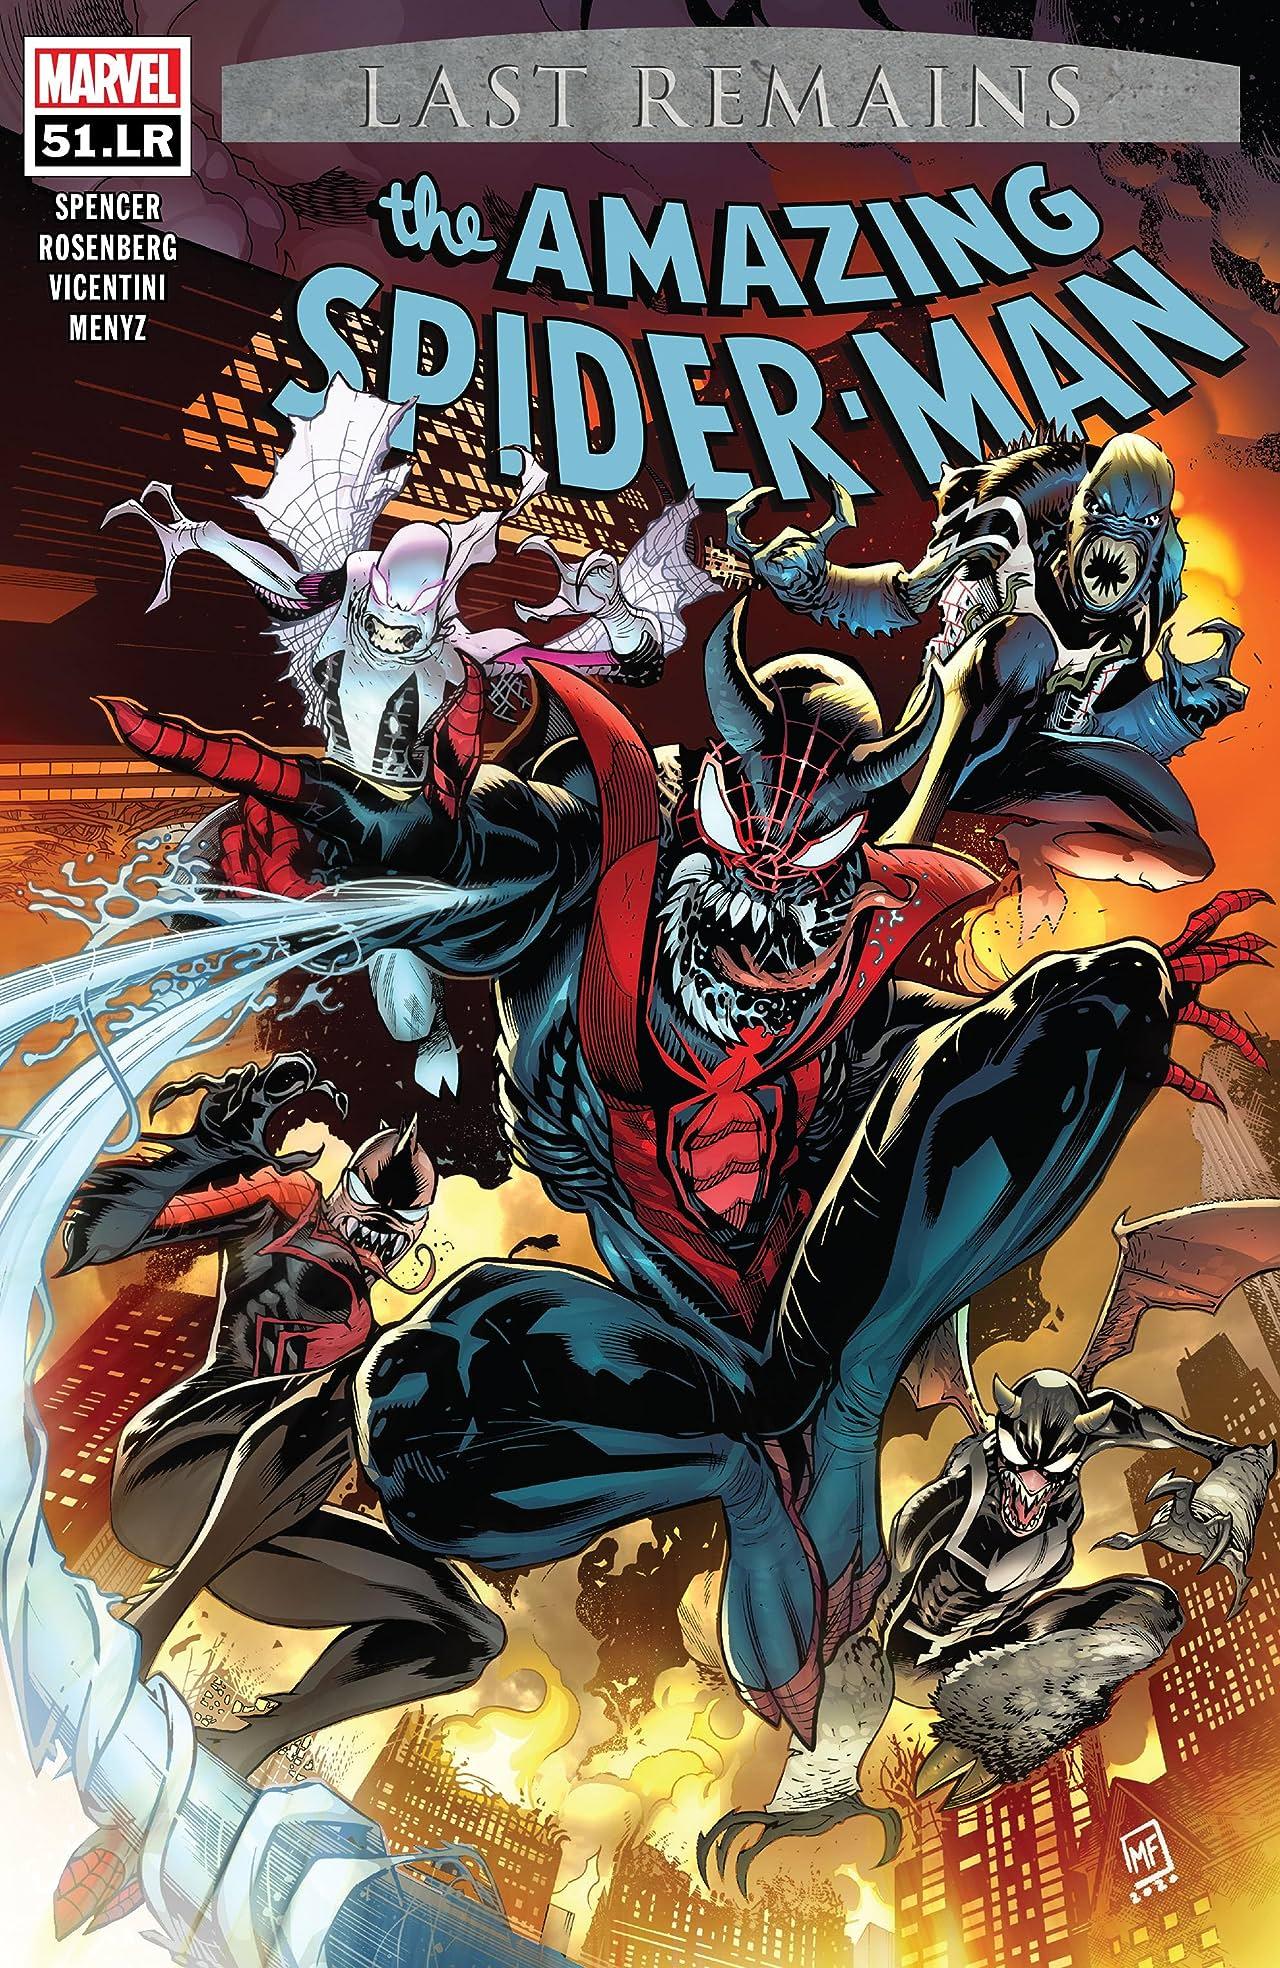 Amazing Spider-Man (2018-) No.51.LR